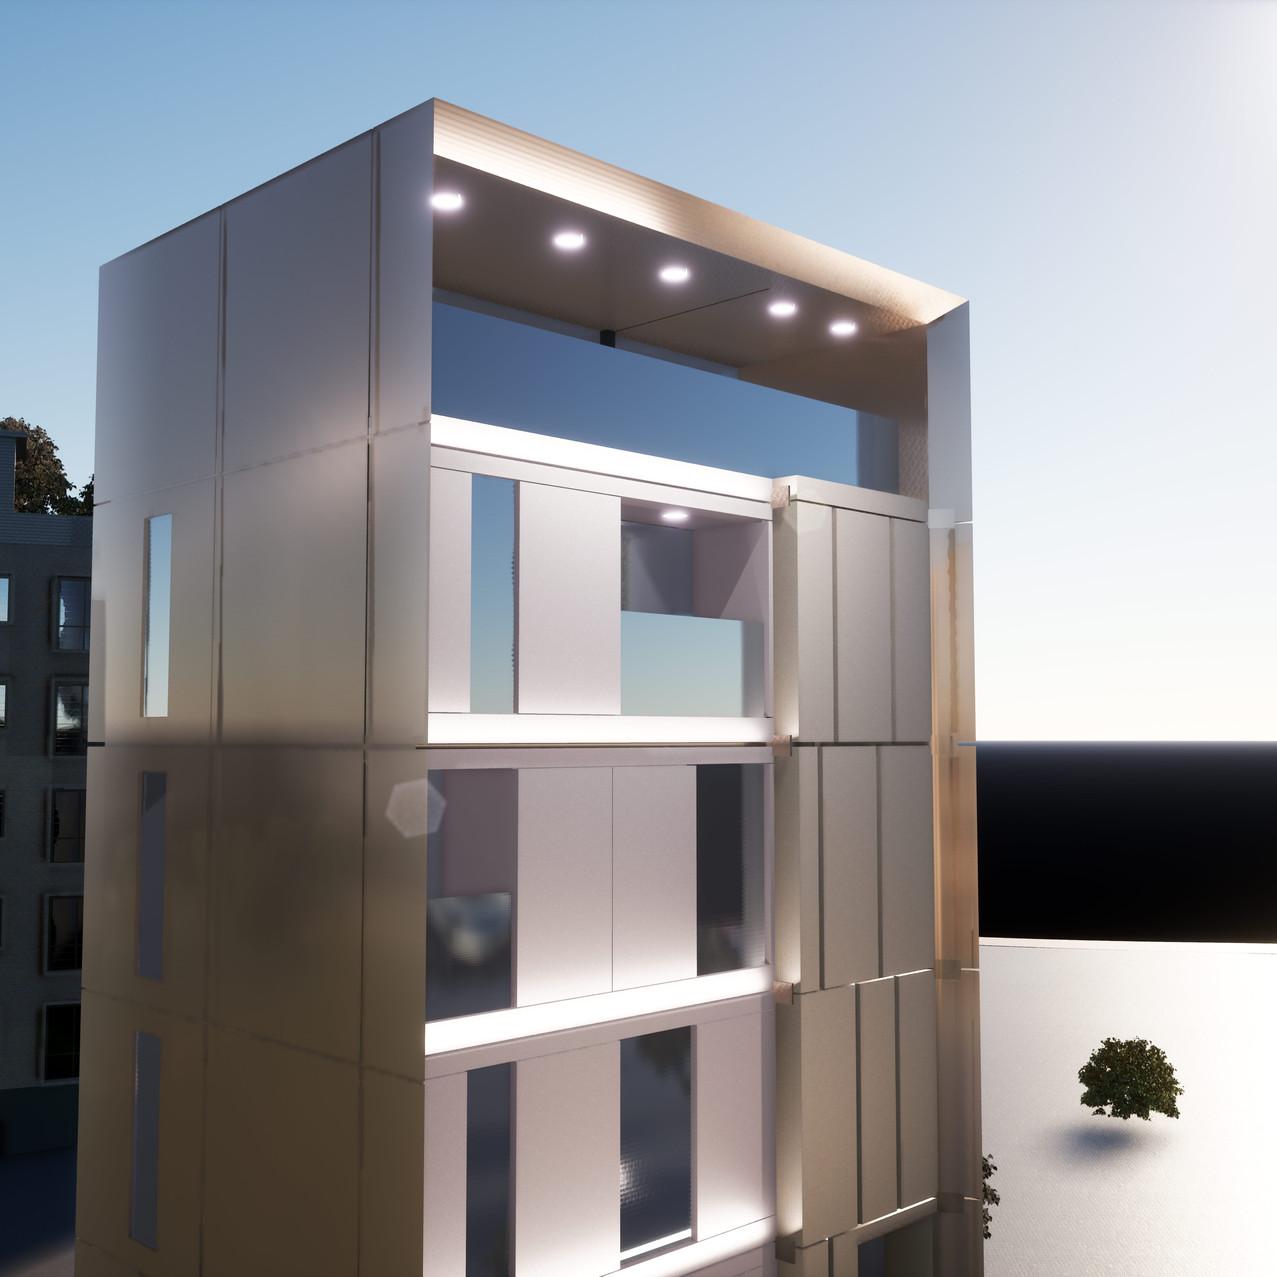 모듈러 공동주택